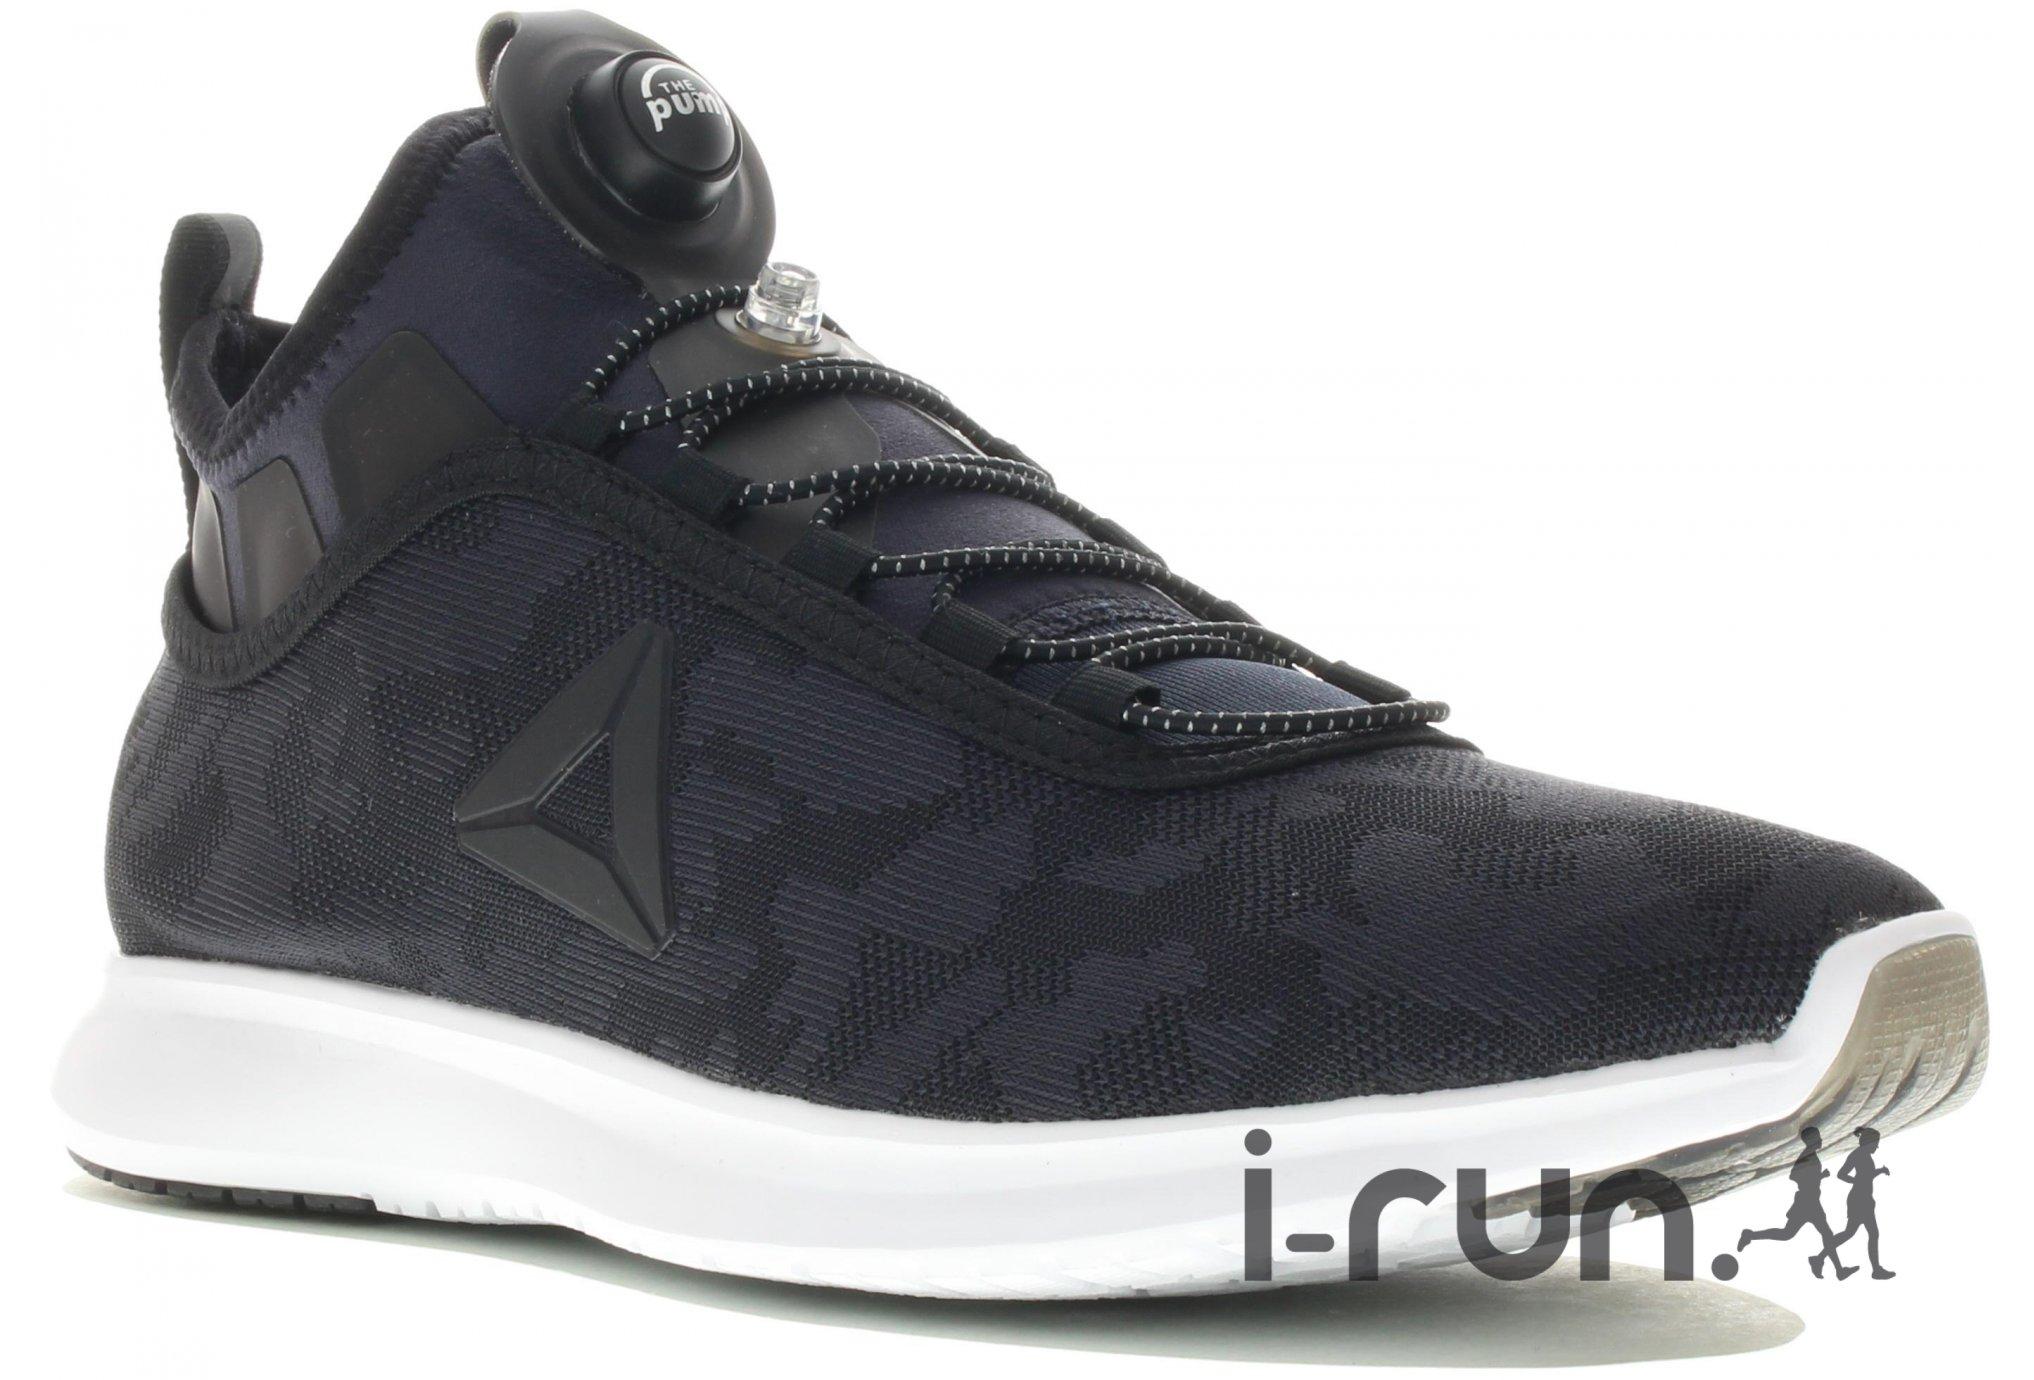 Reebok Pump Plus Camo M Diététique Chaussures homme